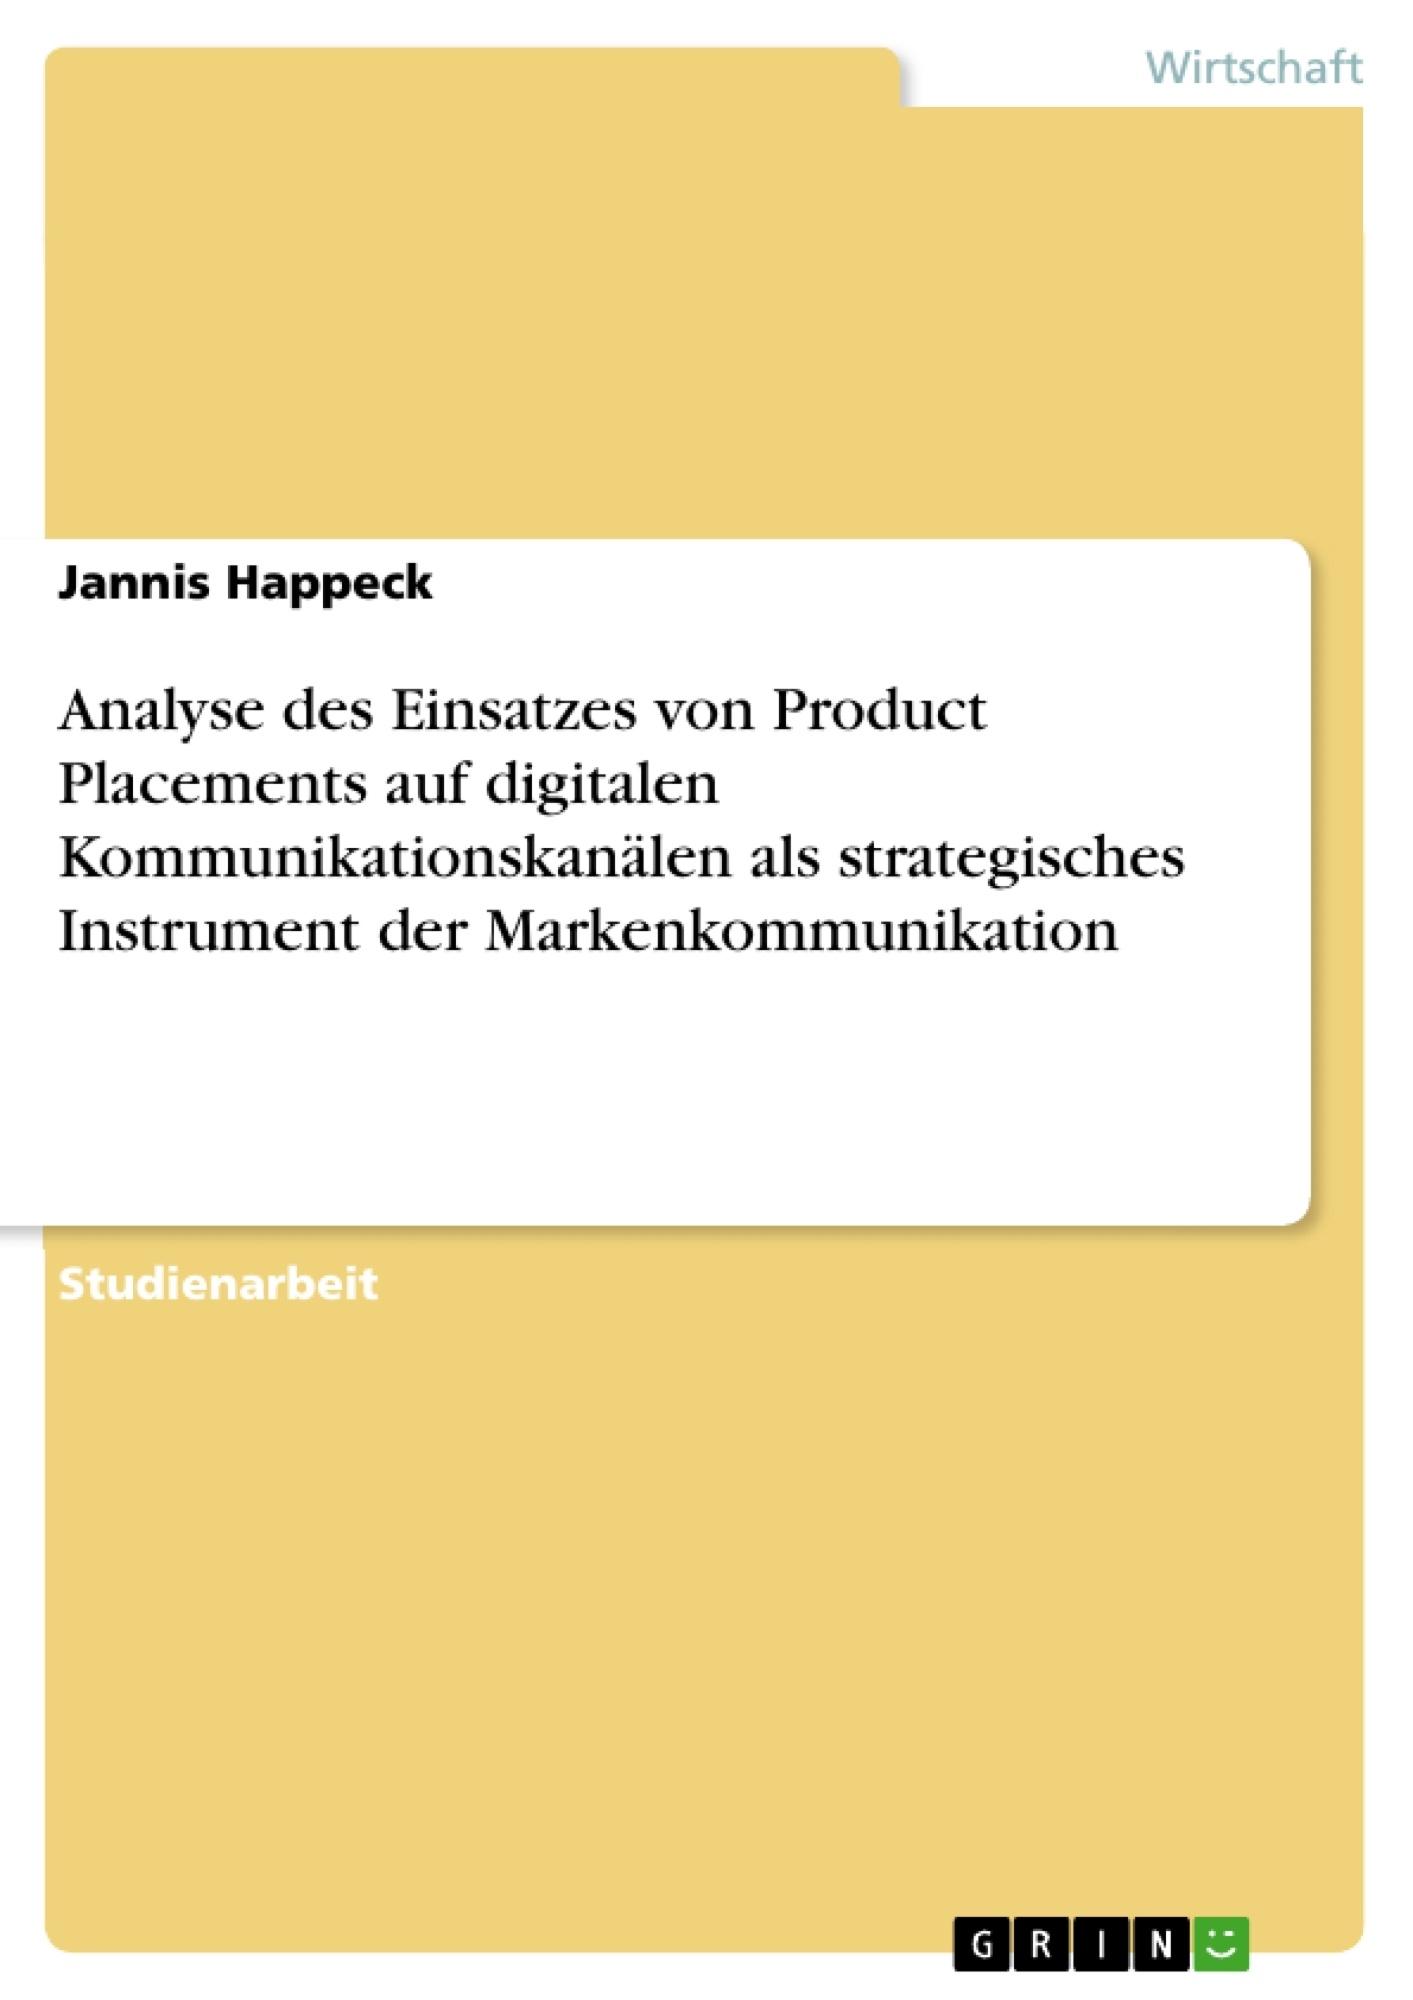 Titel: Analyse des Einsatzes von Product Placements auf digitalen Kommunikationskanälen als strategisches Instrument der Markenkommunikation